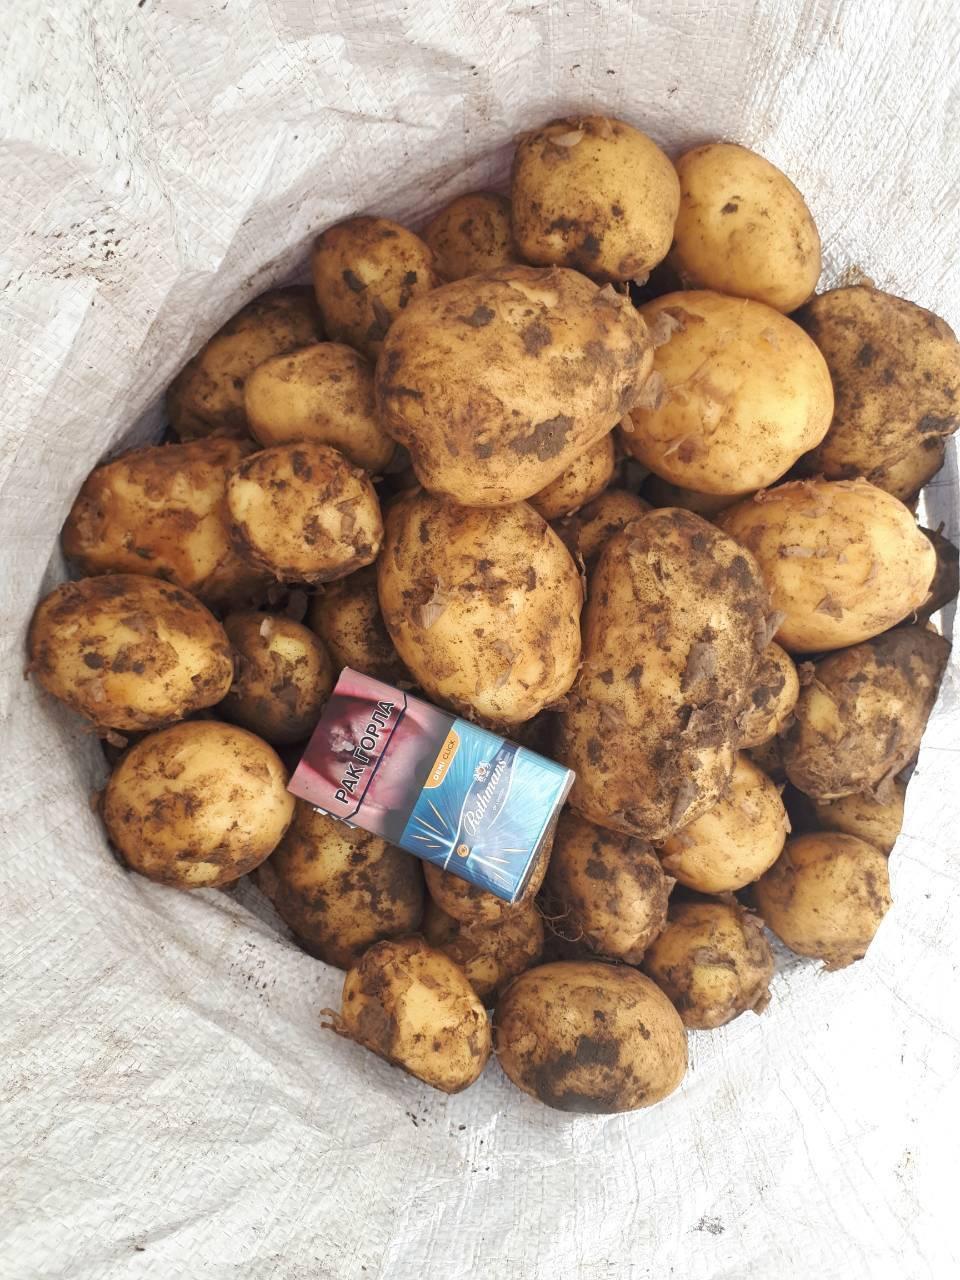 Сорта картофеля в белоруссии: 15 лучших с описанием и характеристиками + фото